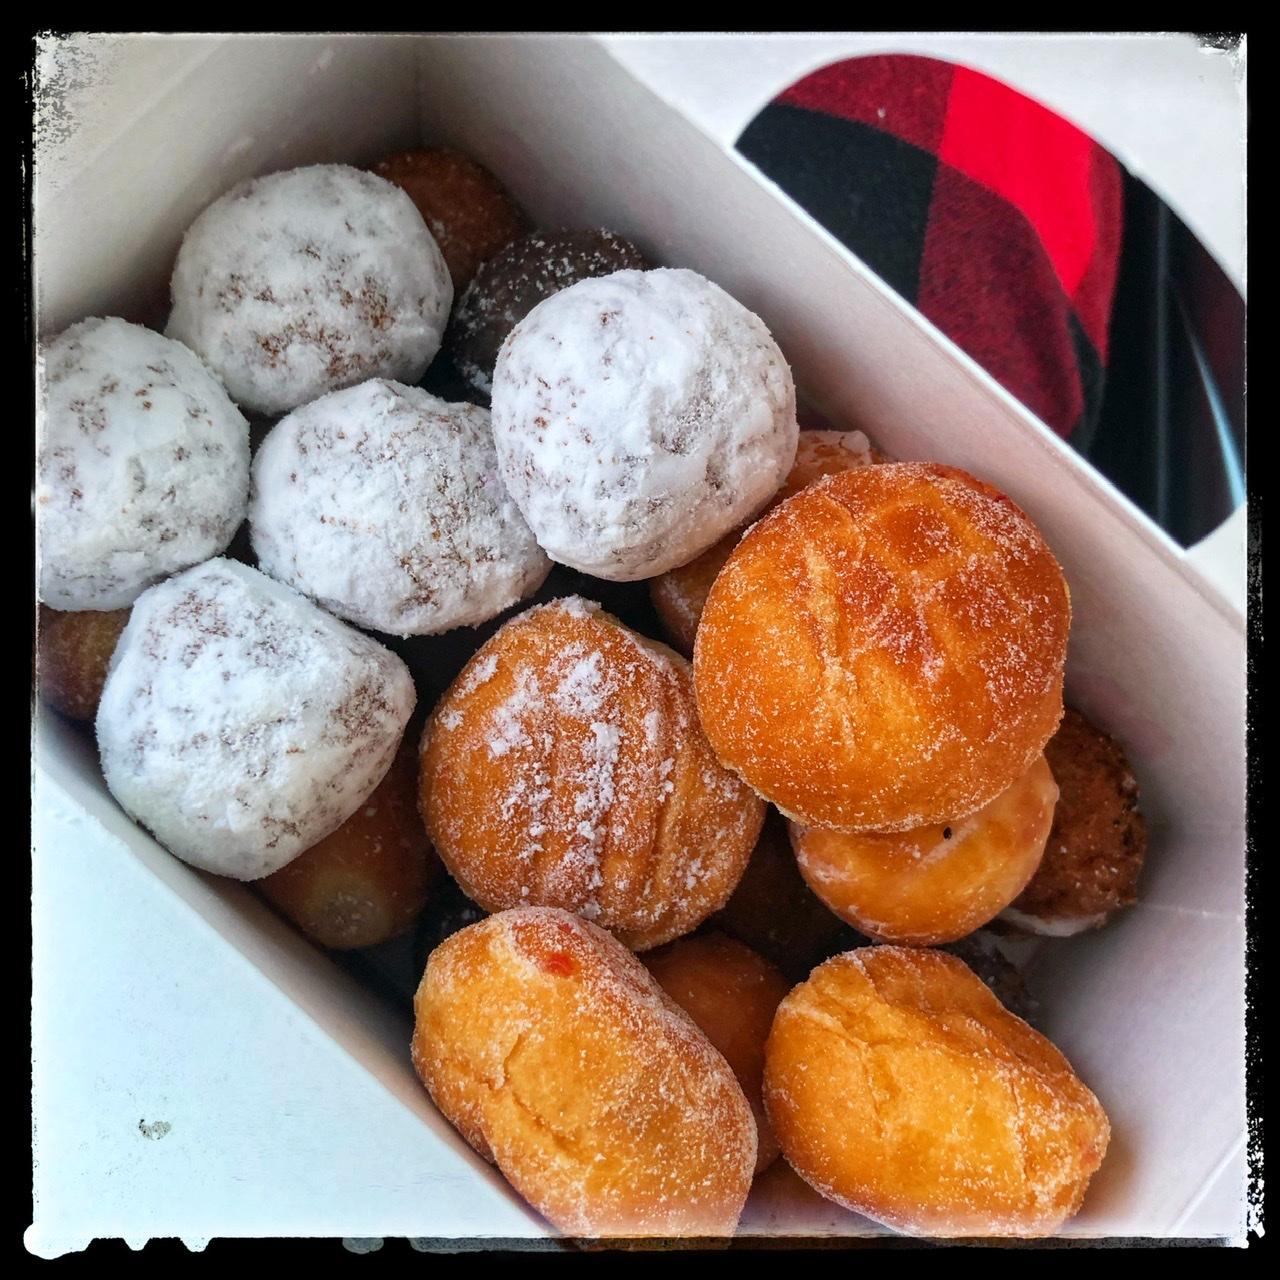 dunkin donuts pocomoke city maryland